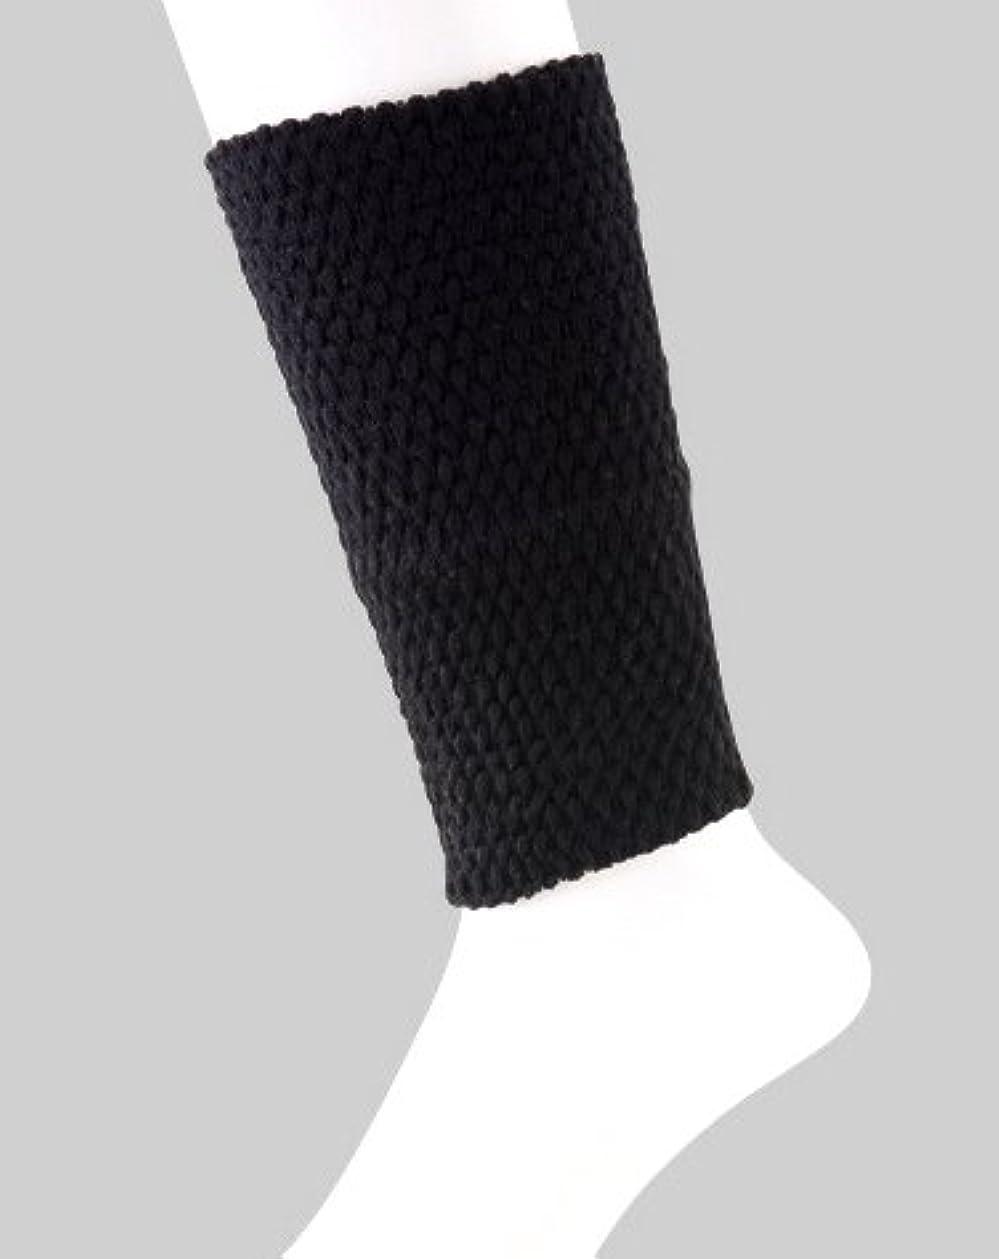 ペグ回復する底日本製 足首ウォーマー 表綿100% 二重構造で暖かい 春夏 冷房対策 20cm丈 (ブラック)